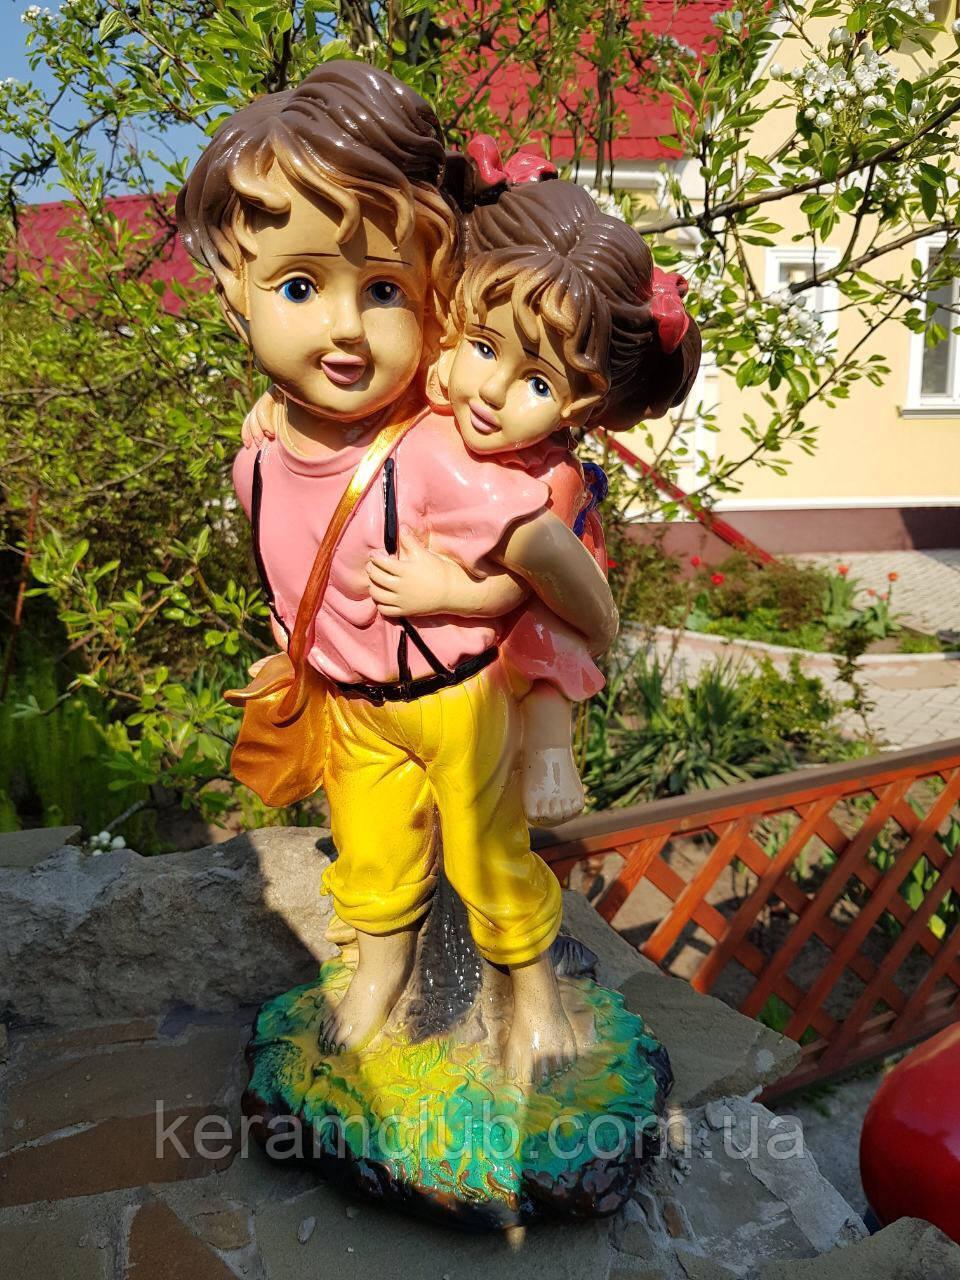 Садовая фигура: мальчик с девочкой